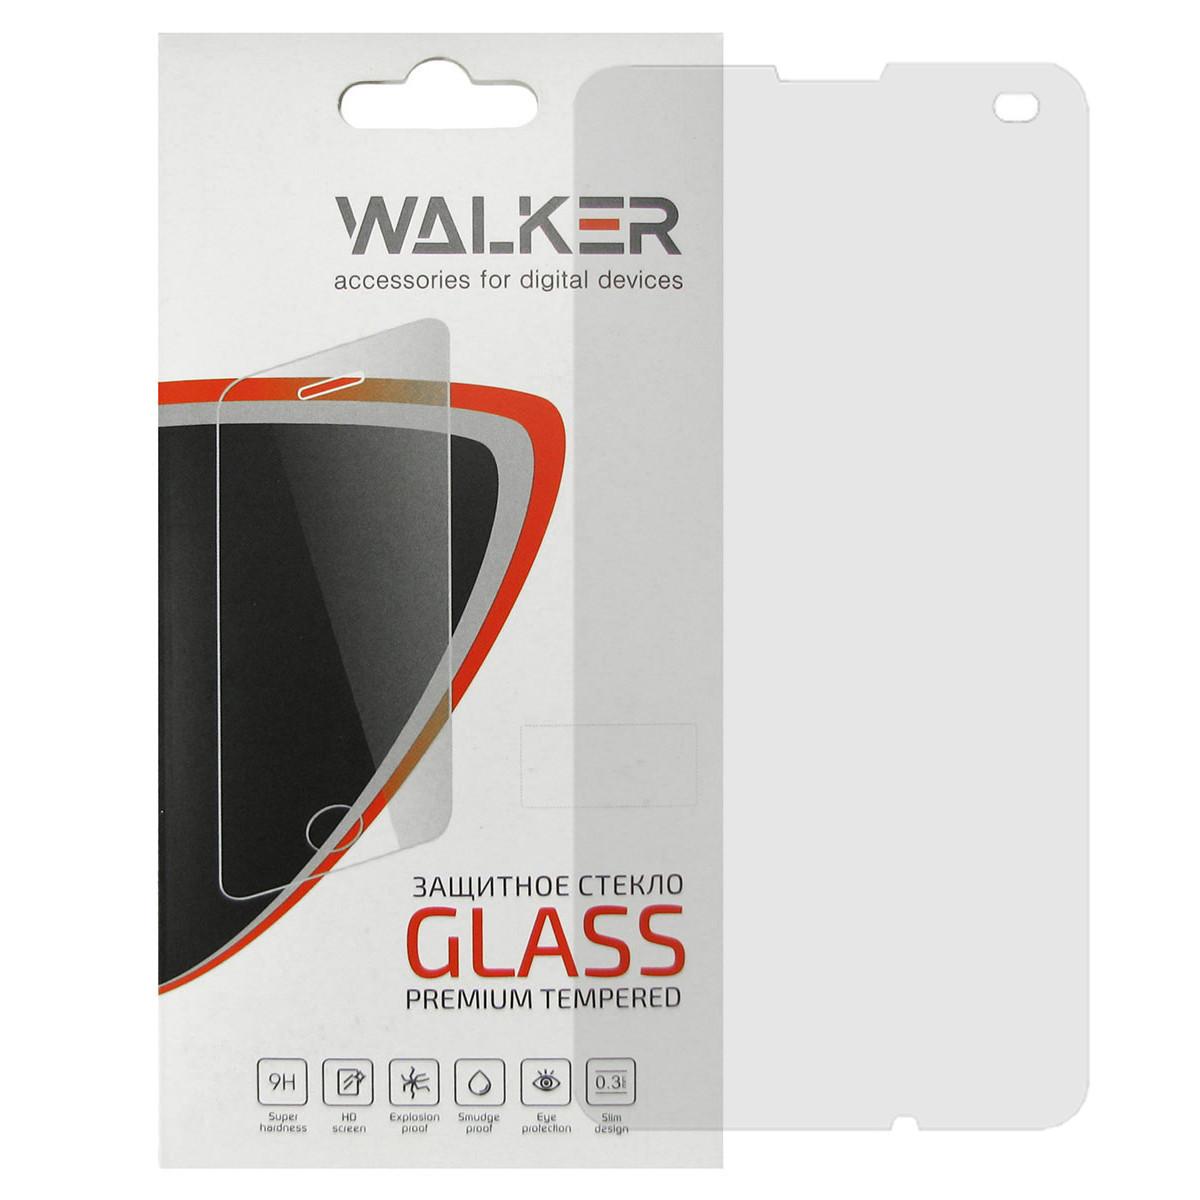 Защитное стекло Walker 2.5D для Lumia 550 (arbc8053)